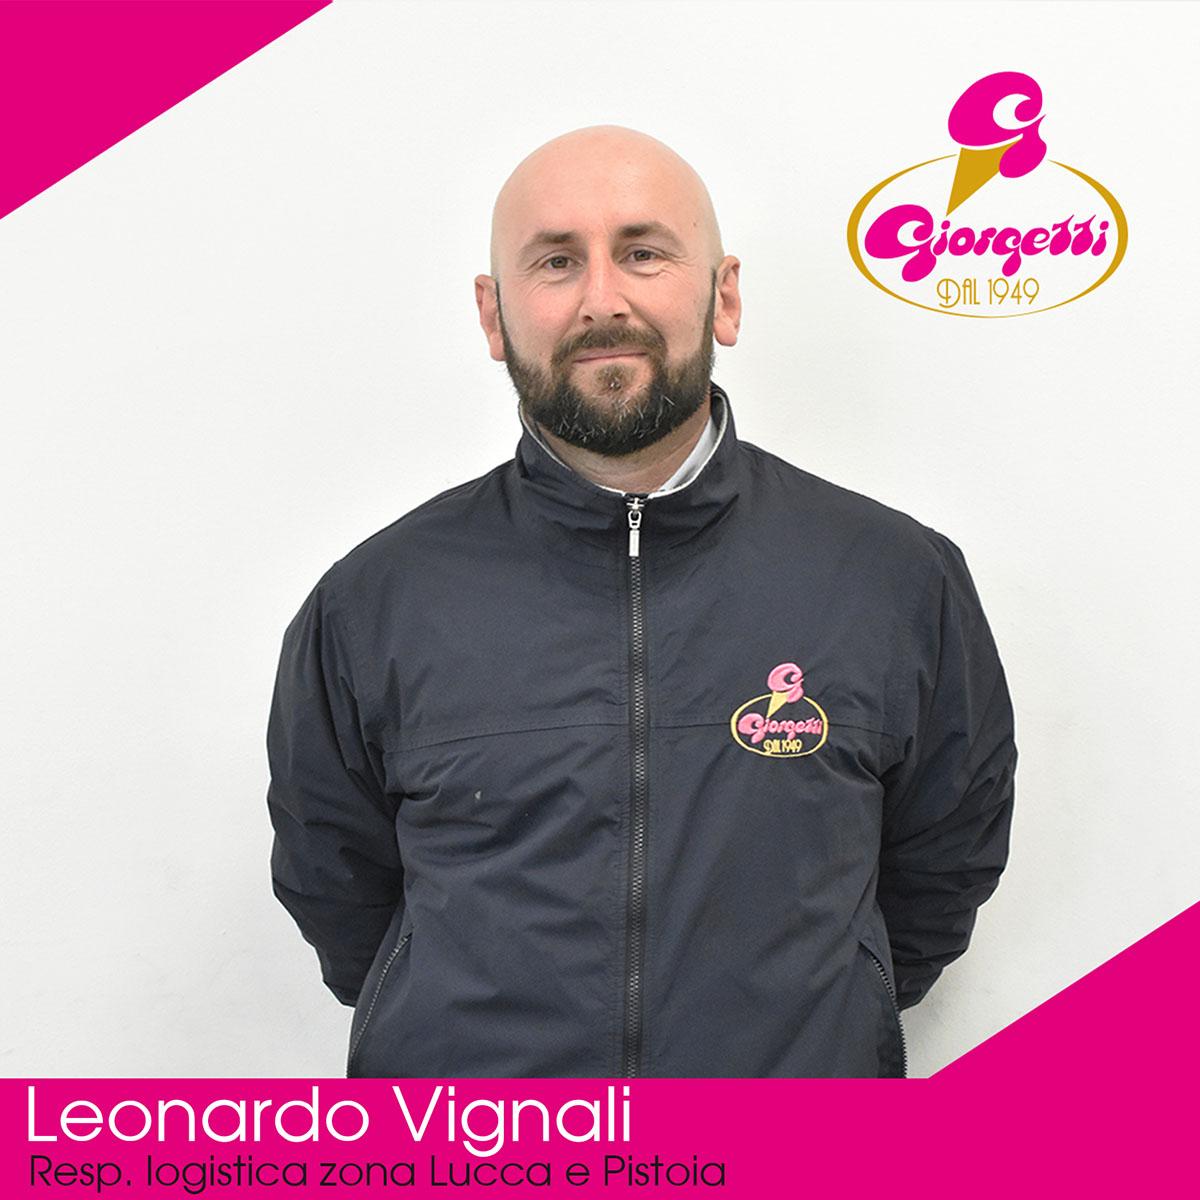 Leonardo Vignali